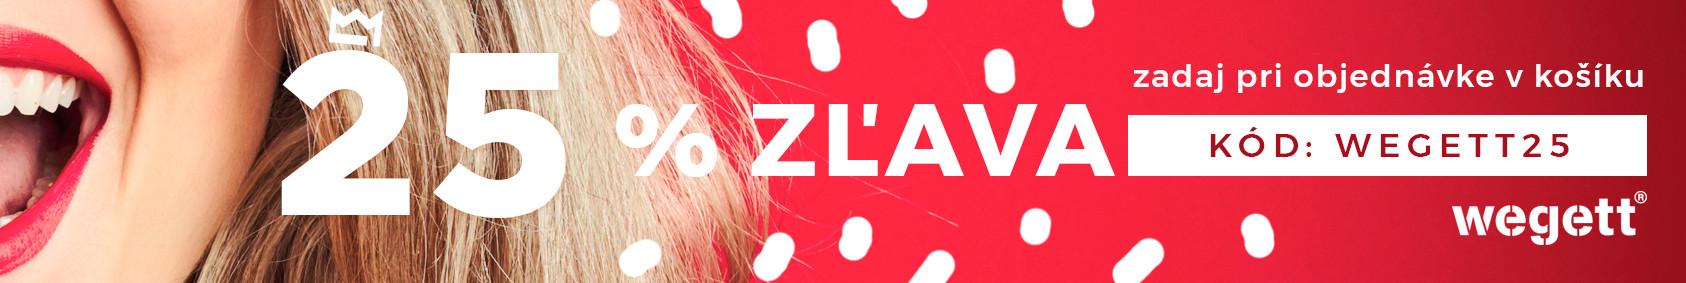 Wegett Zlava